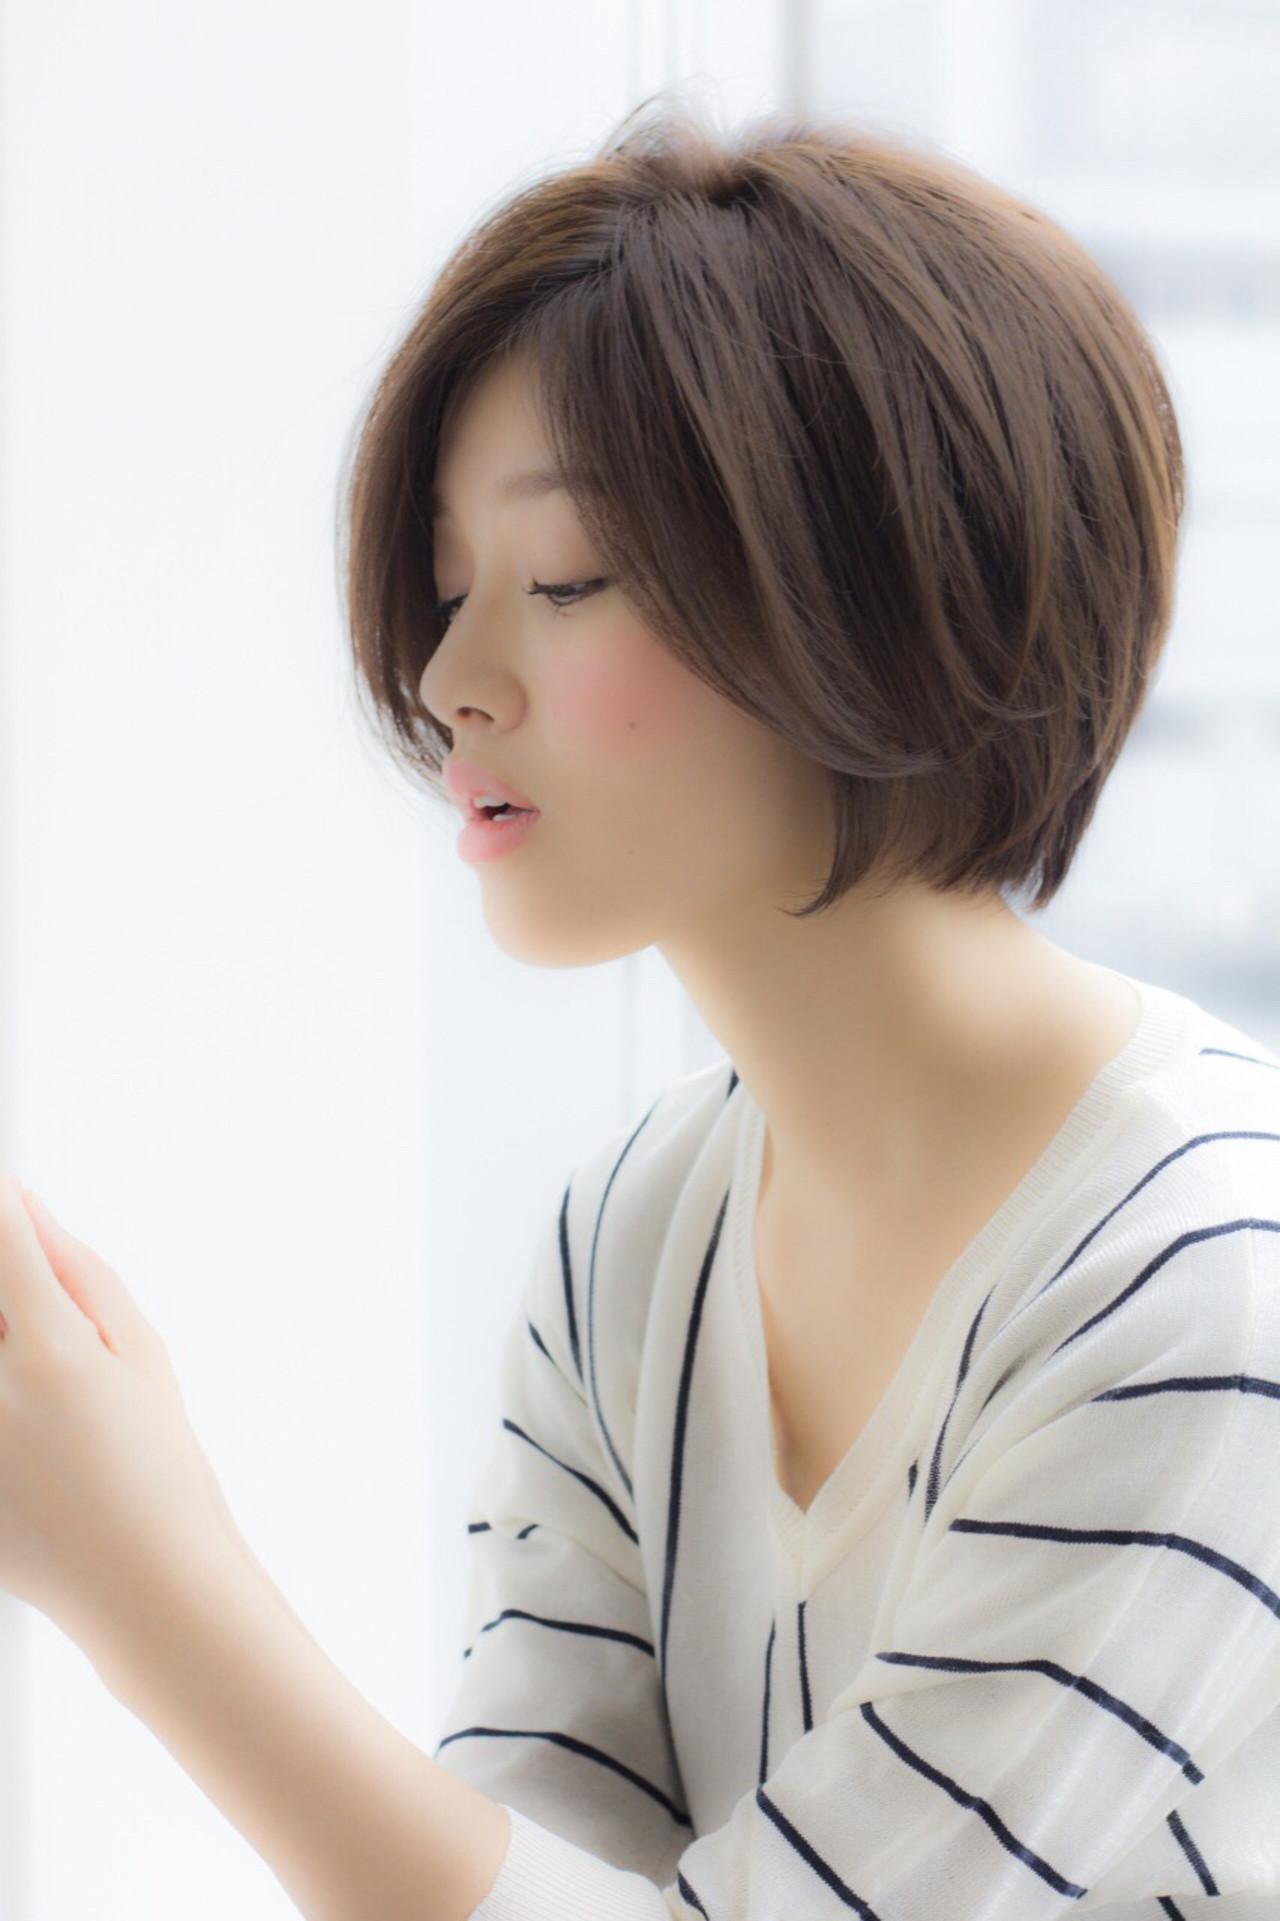 ナチュラル ショート 小顔 色気 ヘアスタイルや髪型の写真・画像 | 寺尾 拓巳 / Ramie (ラミエ)